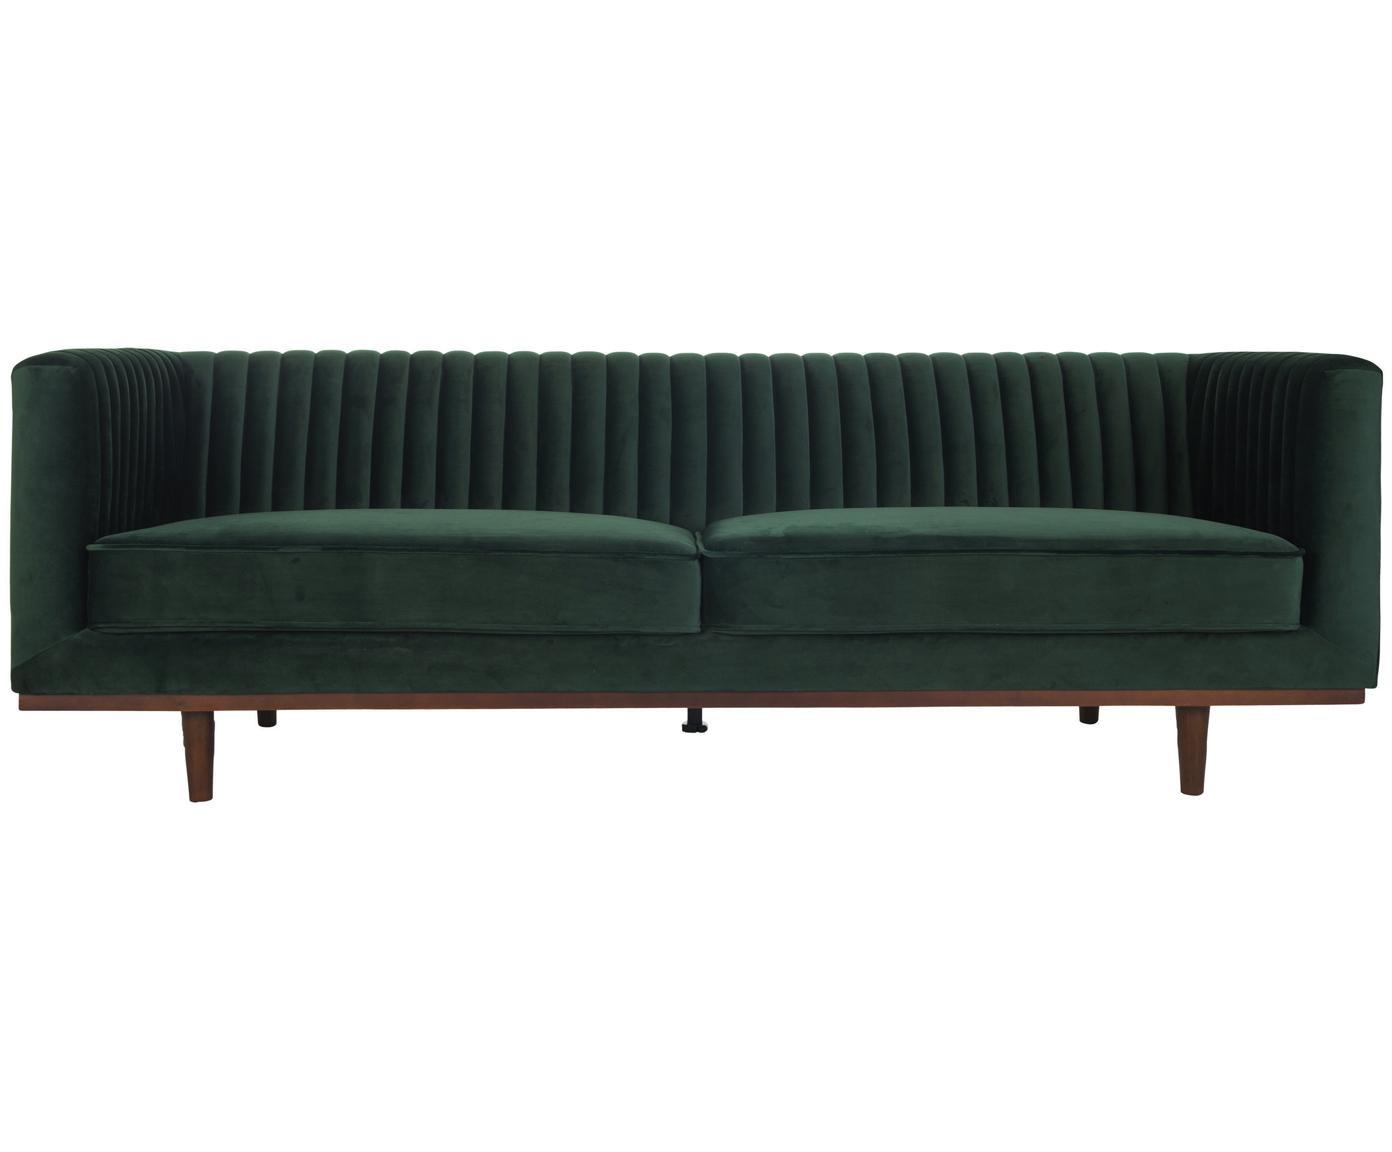 Sofa z aksamitu Dante (3-osobowa), Tapicerka: aksamit poliestrowy, Stelaż: drewno kauczukowe lakiero, Tapicerka: pianka poliuretanowa, Zielony, S 210 x G 87 cm